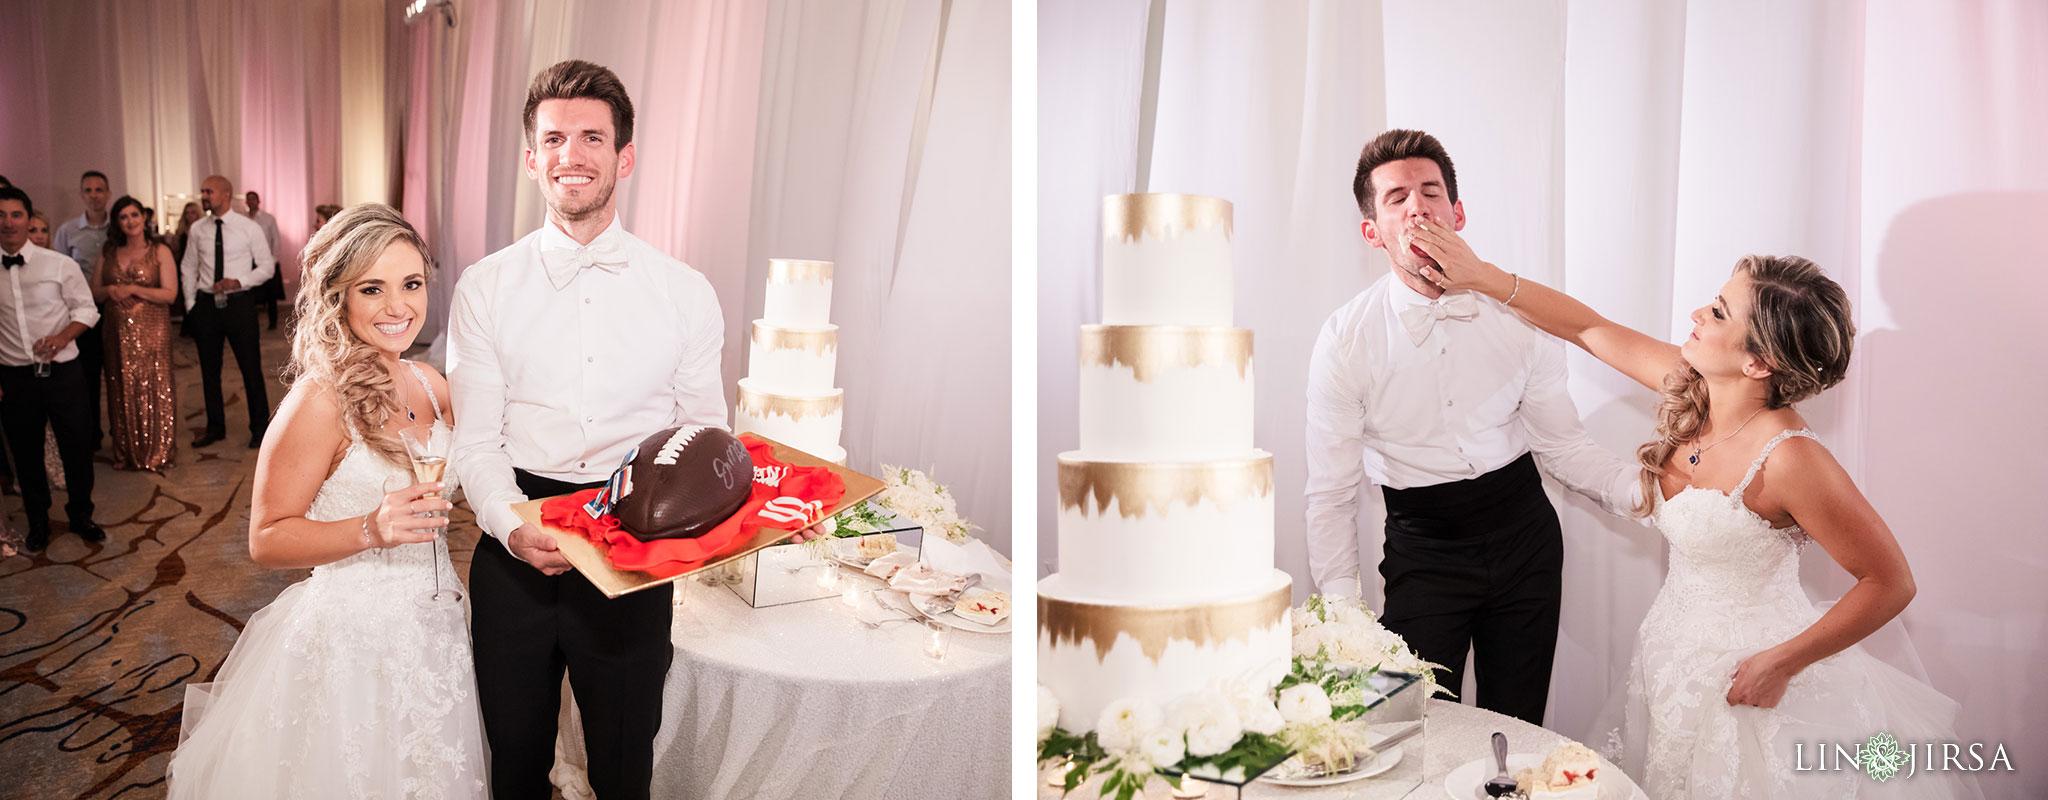 45 balboa bay wedding newport photography